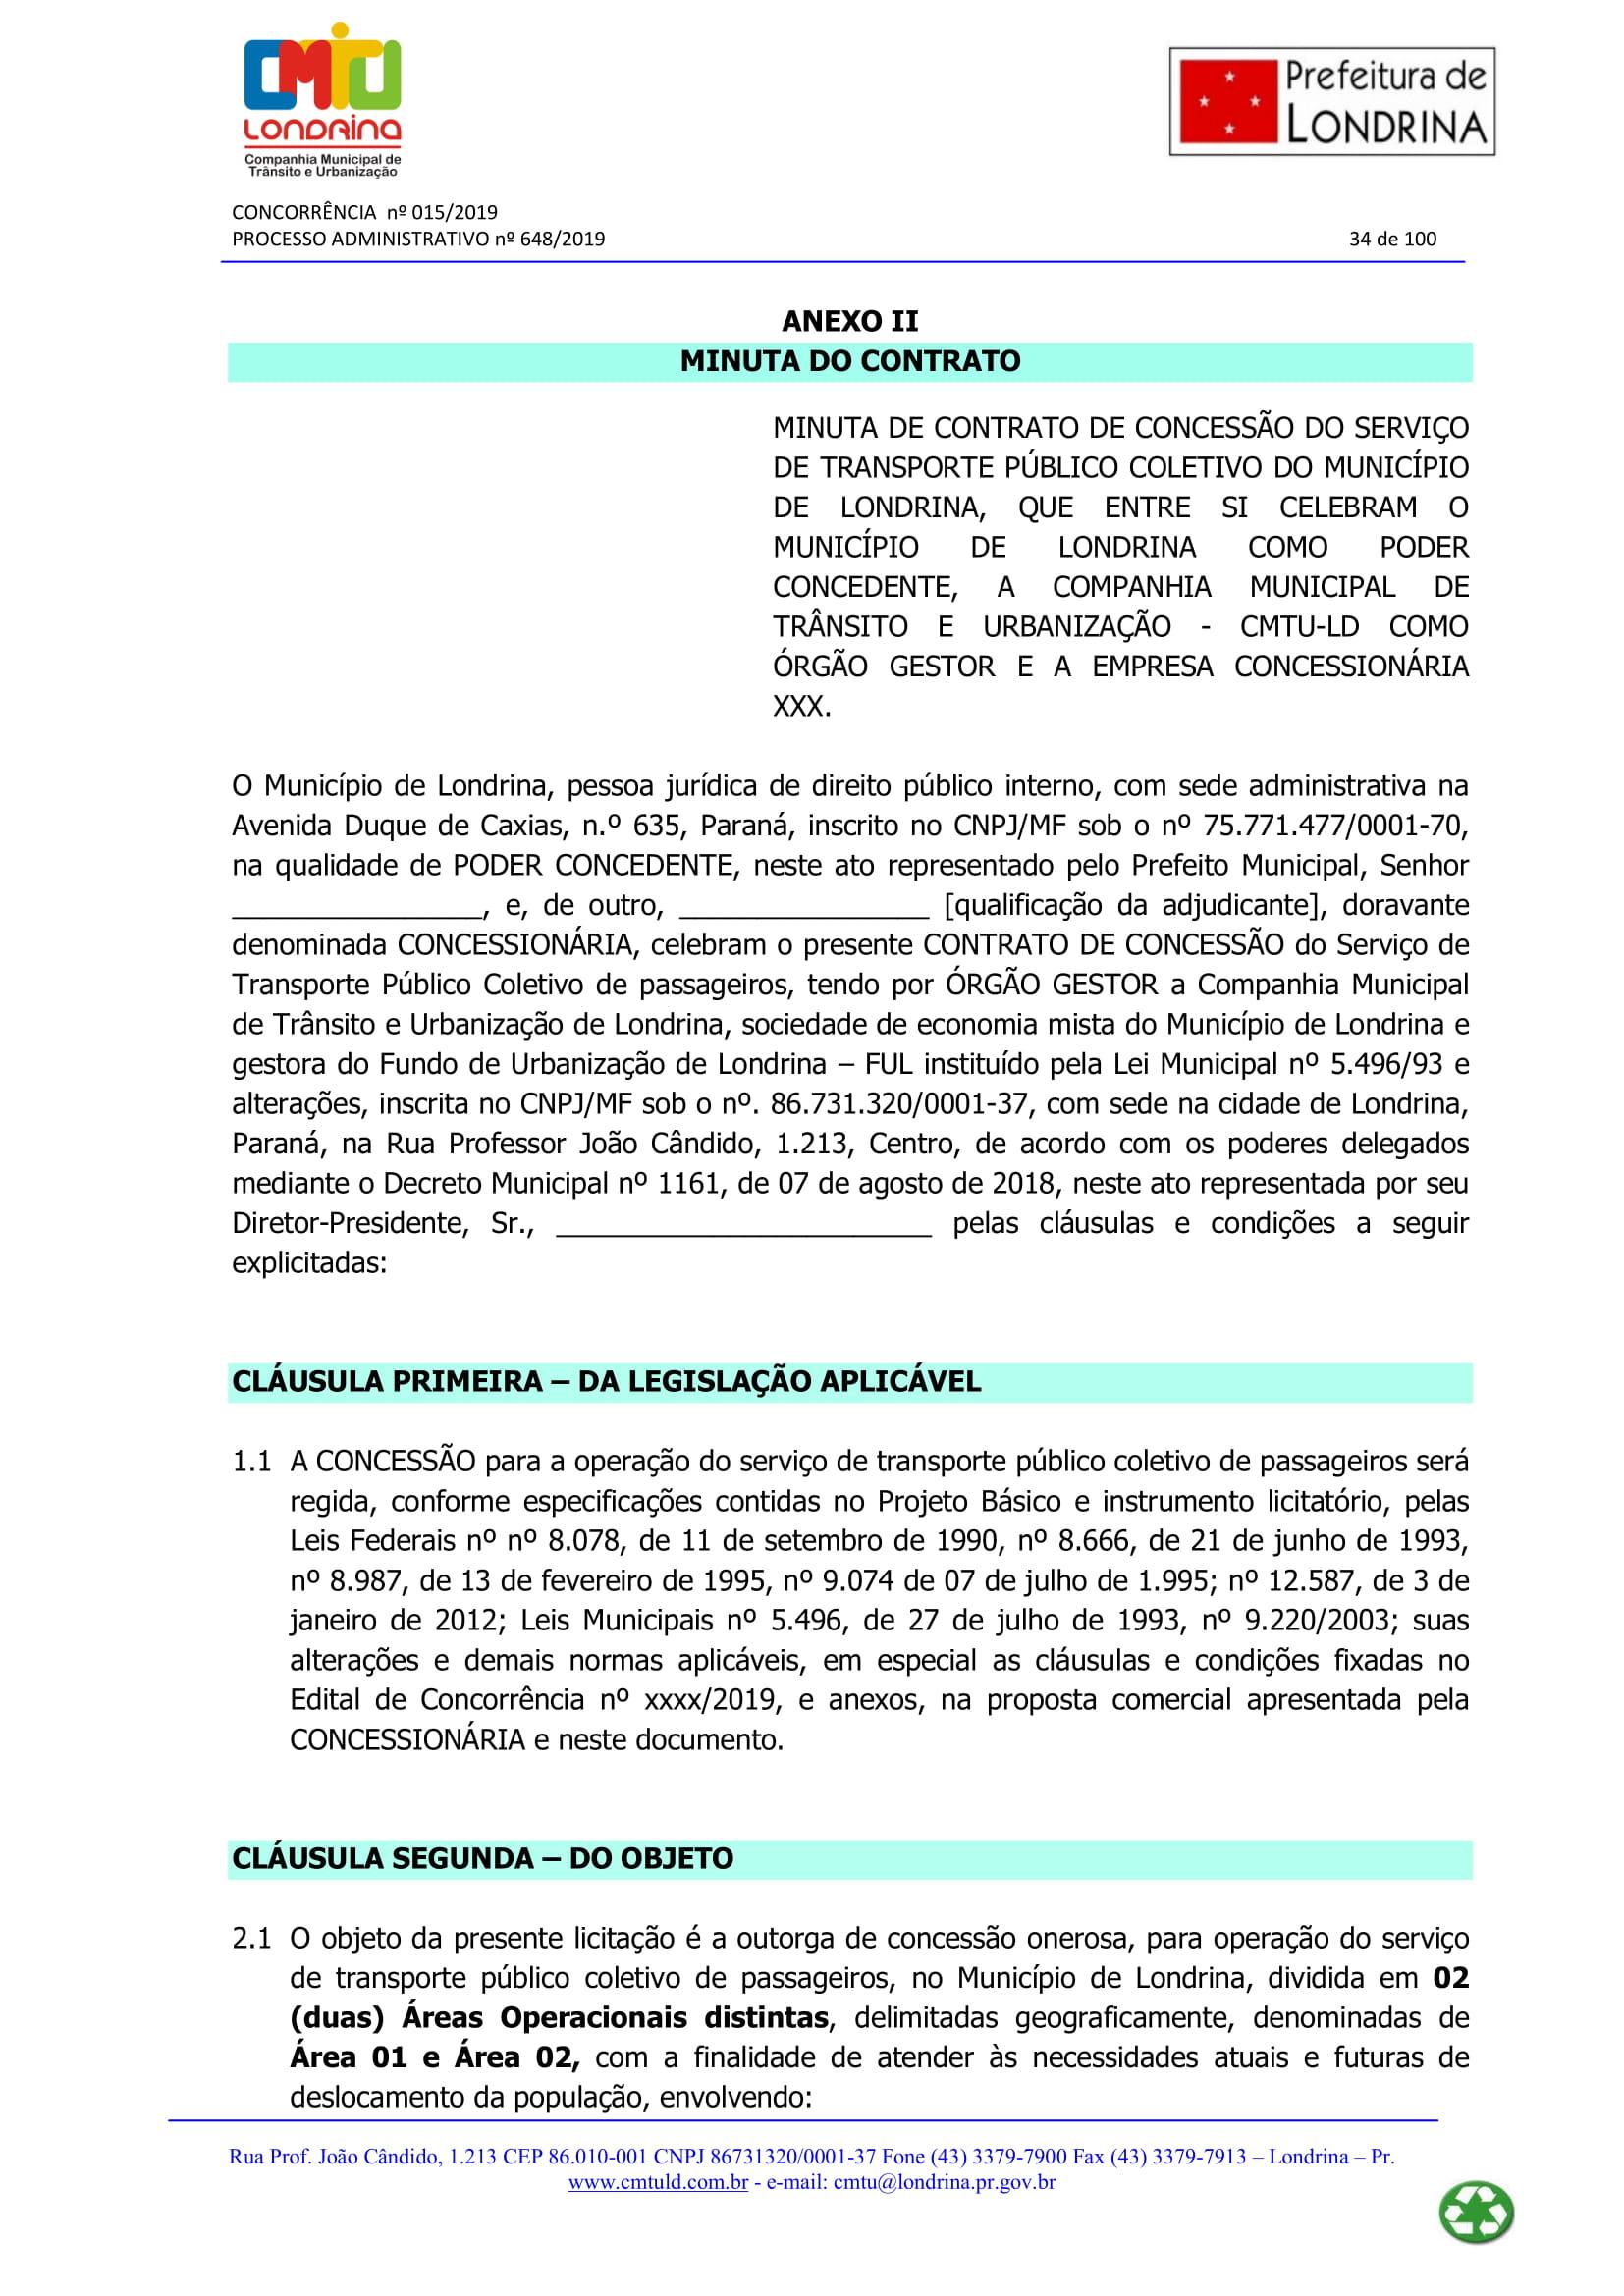 Edital_CC_015-2019-034